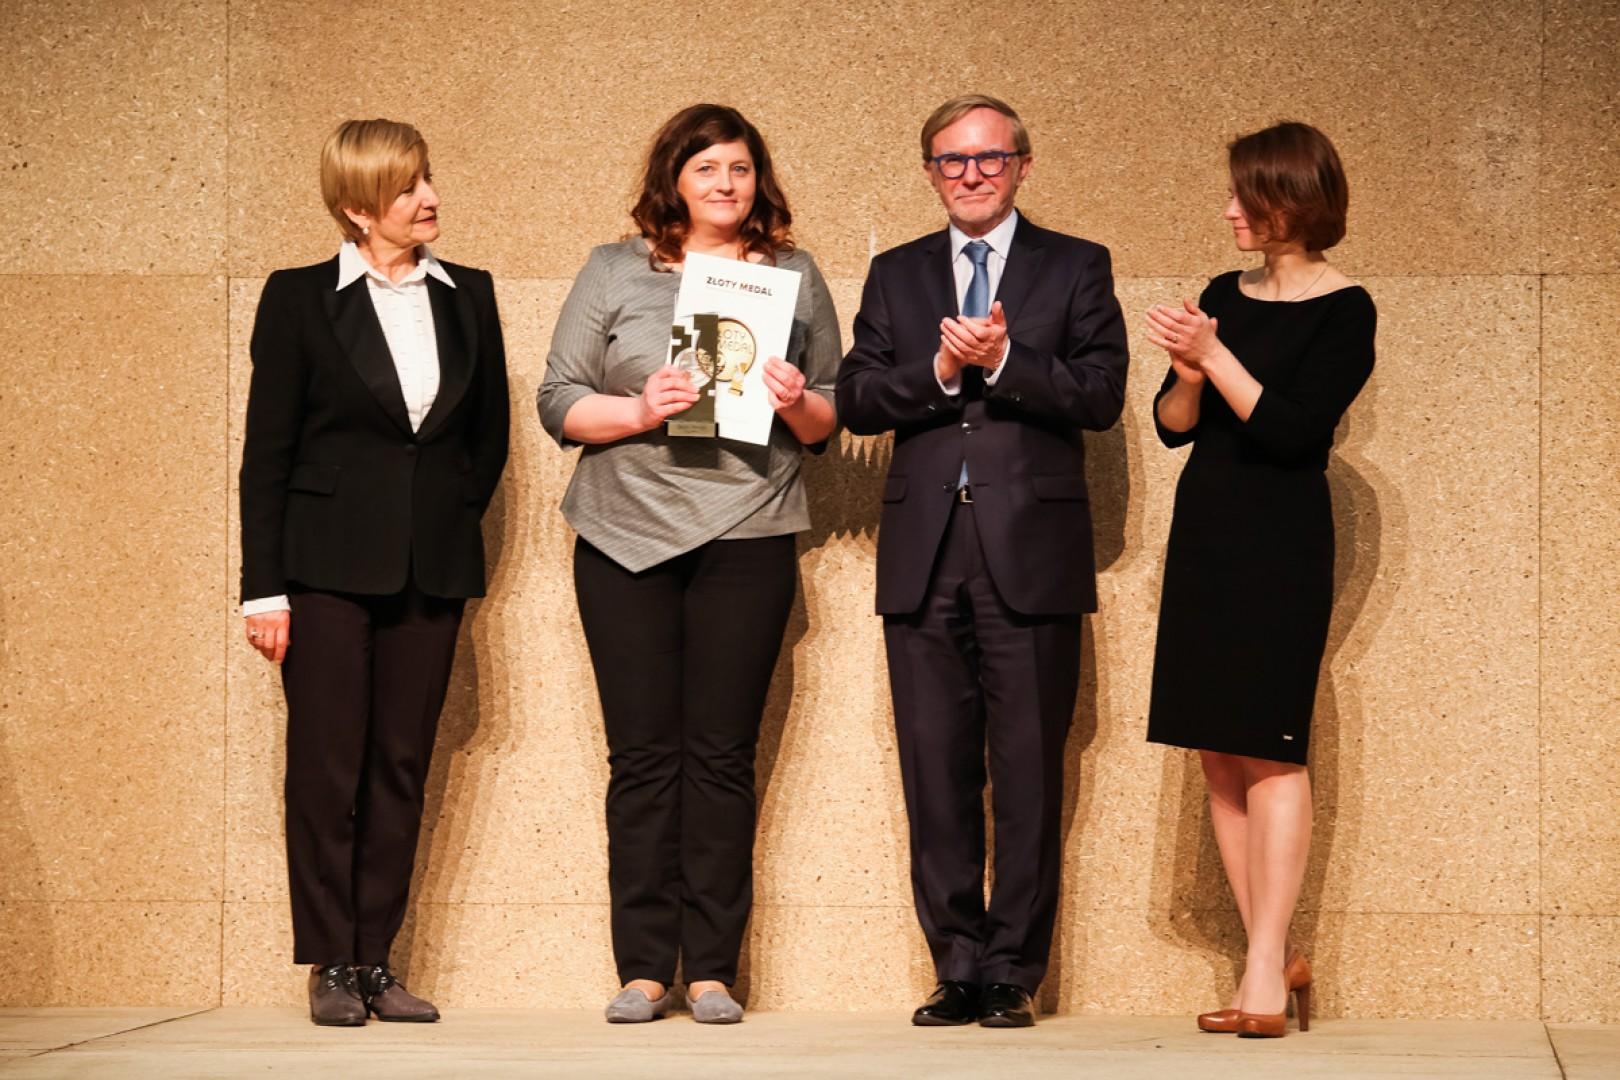 Przedstawicielka firmy Wajnert Meble odbiera Złoty Medal MTP za kolekcję Barcelona. Fot. Centrum Prasowe MTP